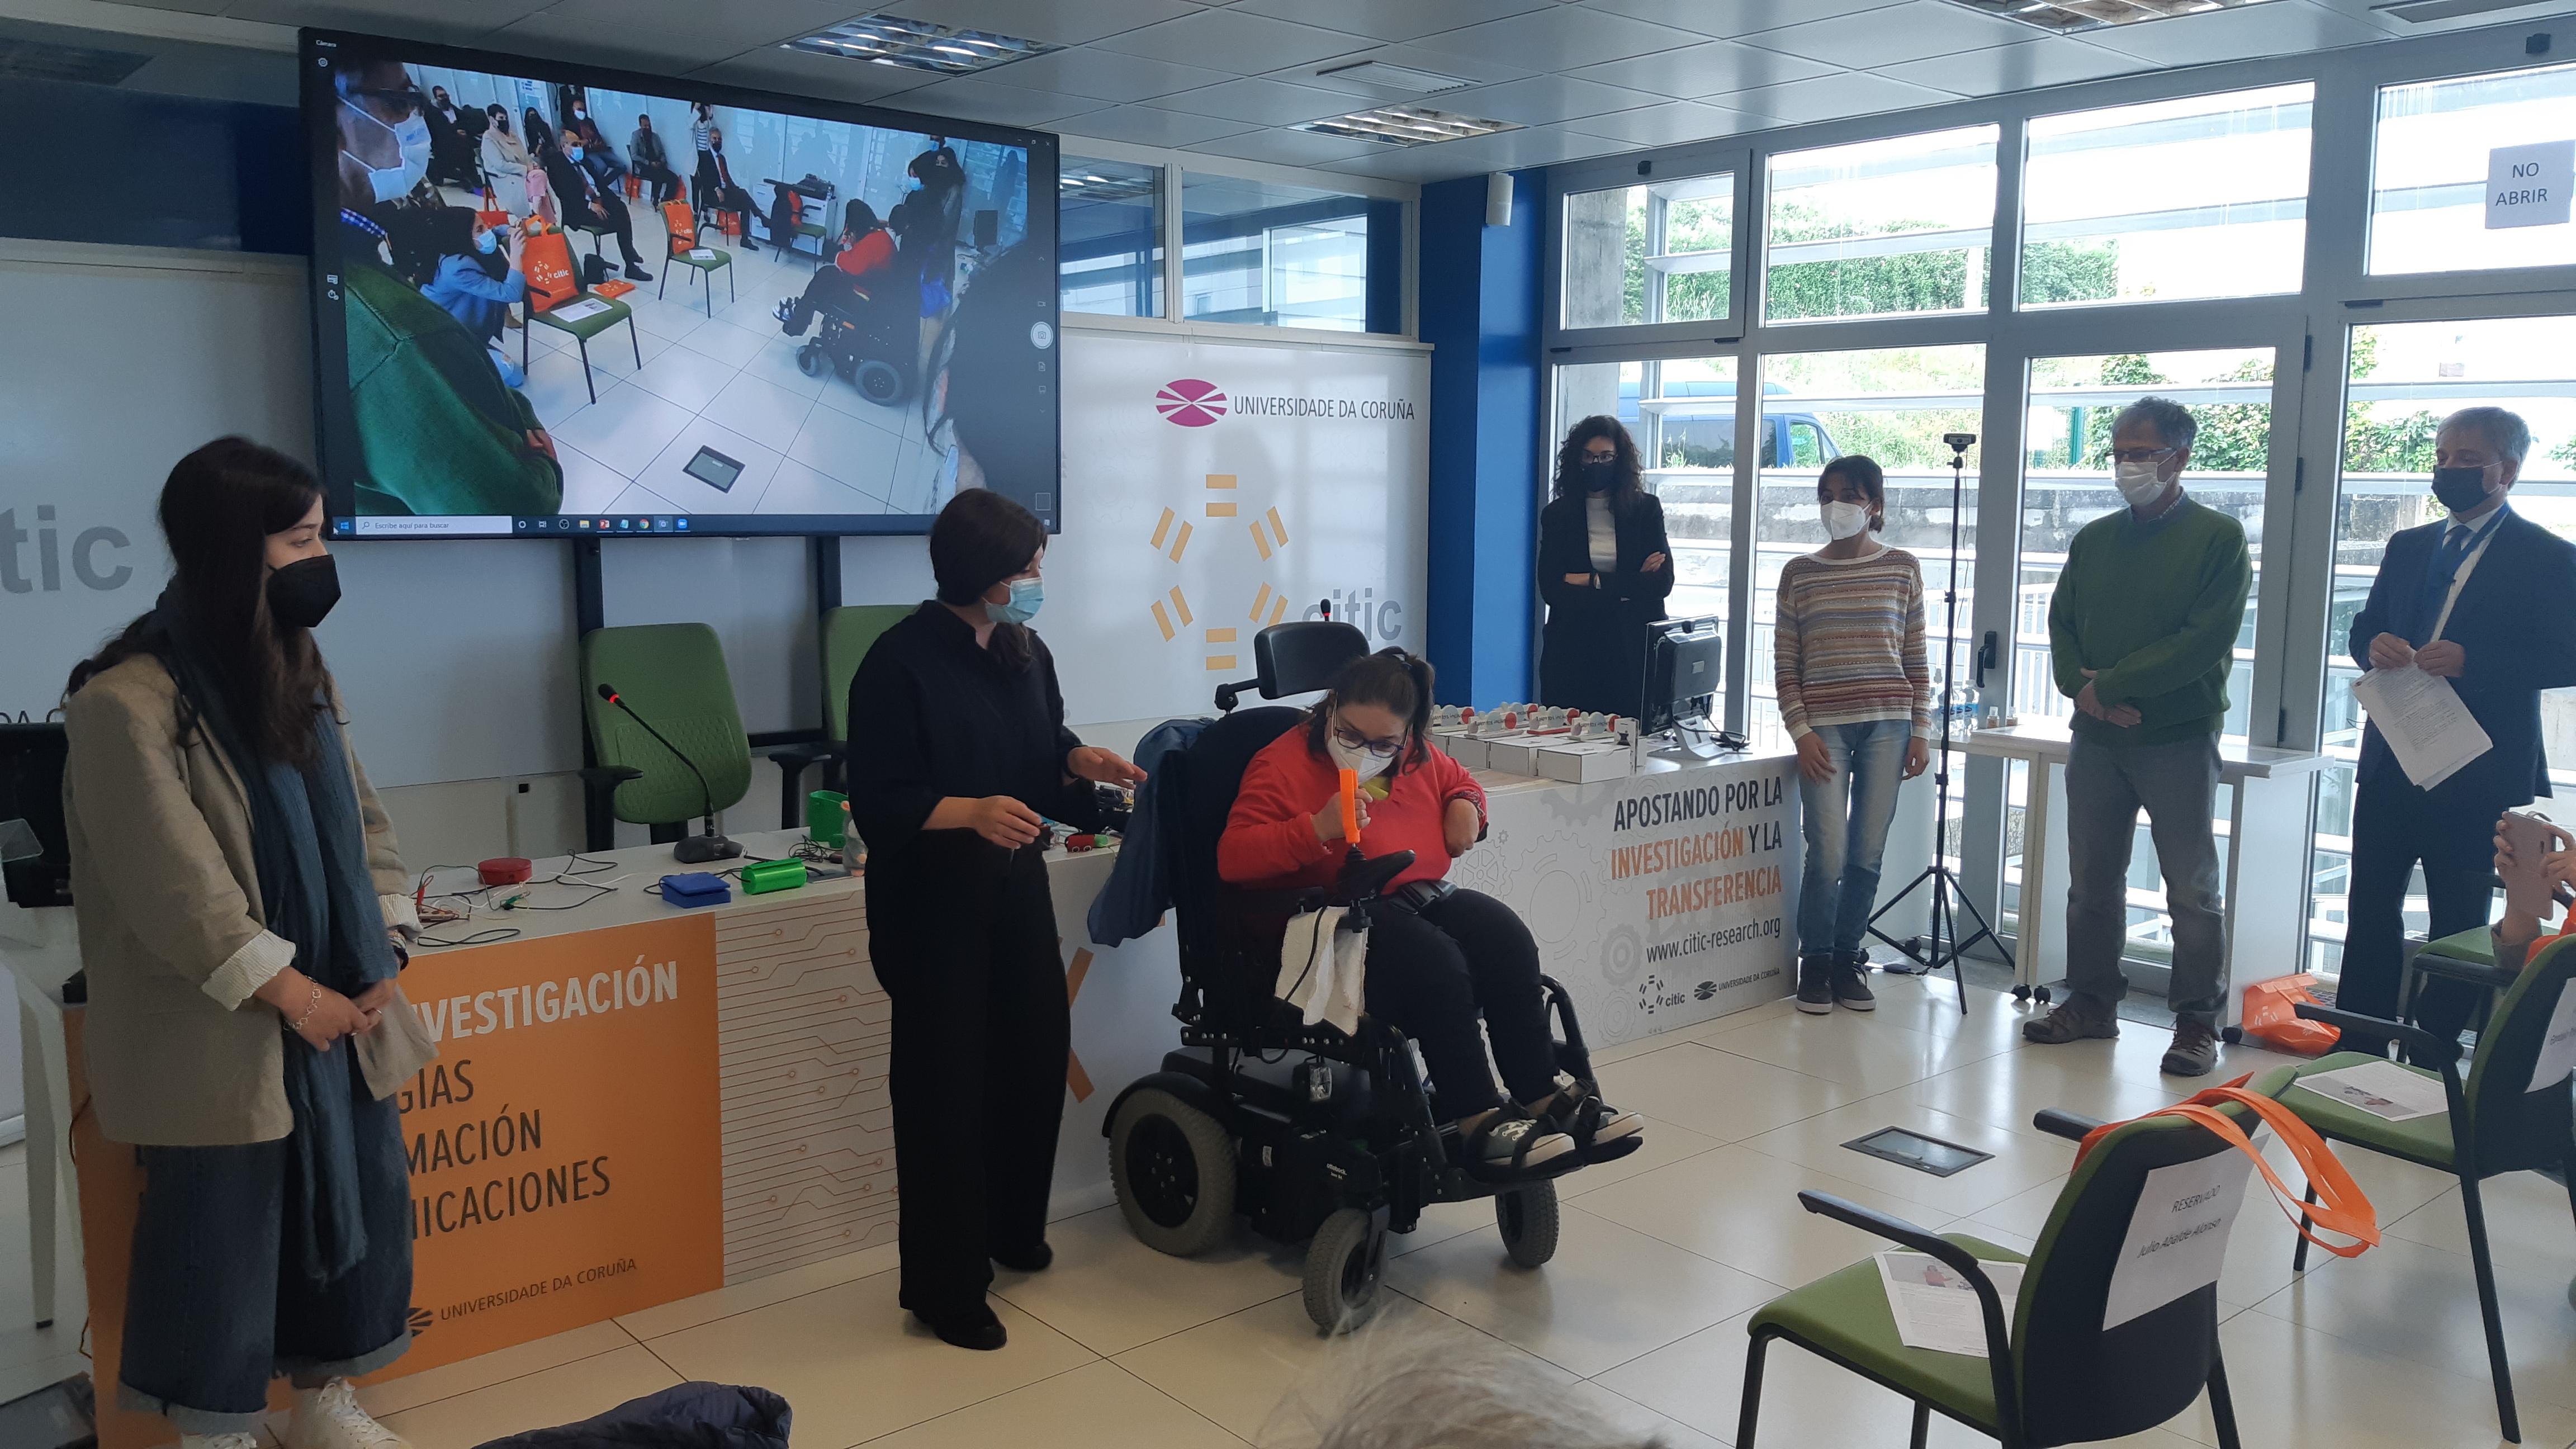 El Centro de Investigación TIC (CITIC) de la Universidade da Coruña recibe del CPEIG el Premio Innovación Tecnológica en la Enseñanza por su proyecto 'Talentos Inclusivos'